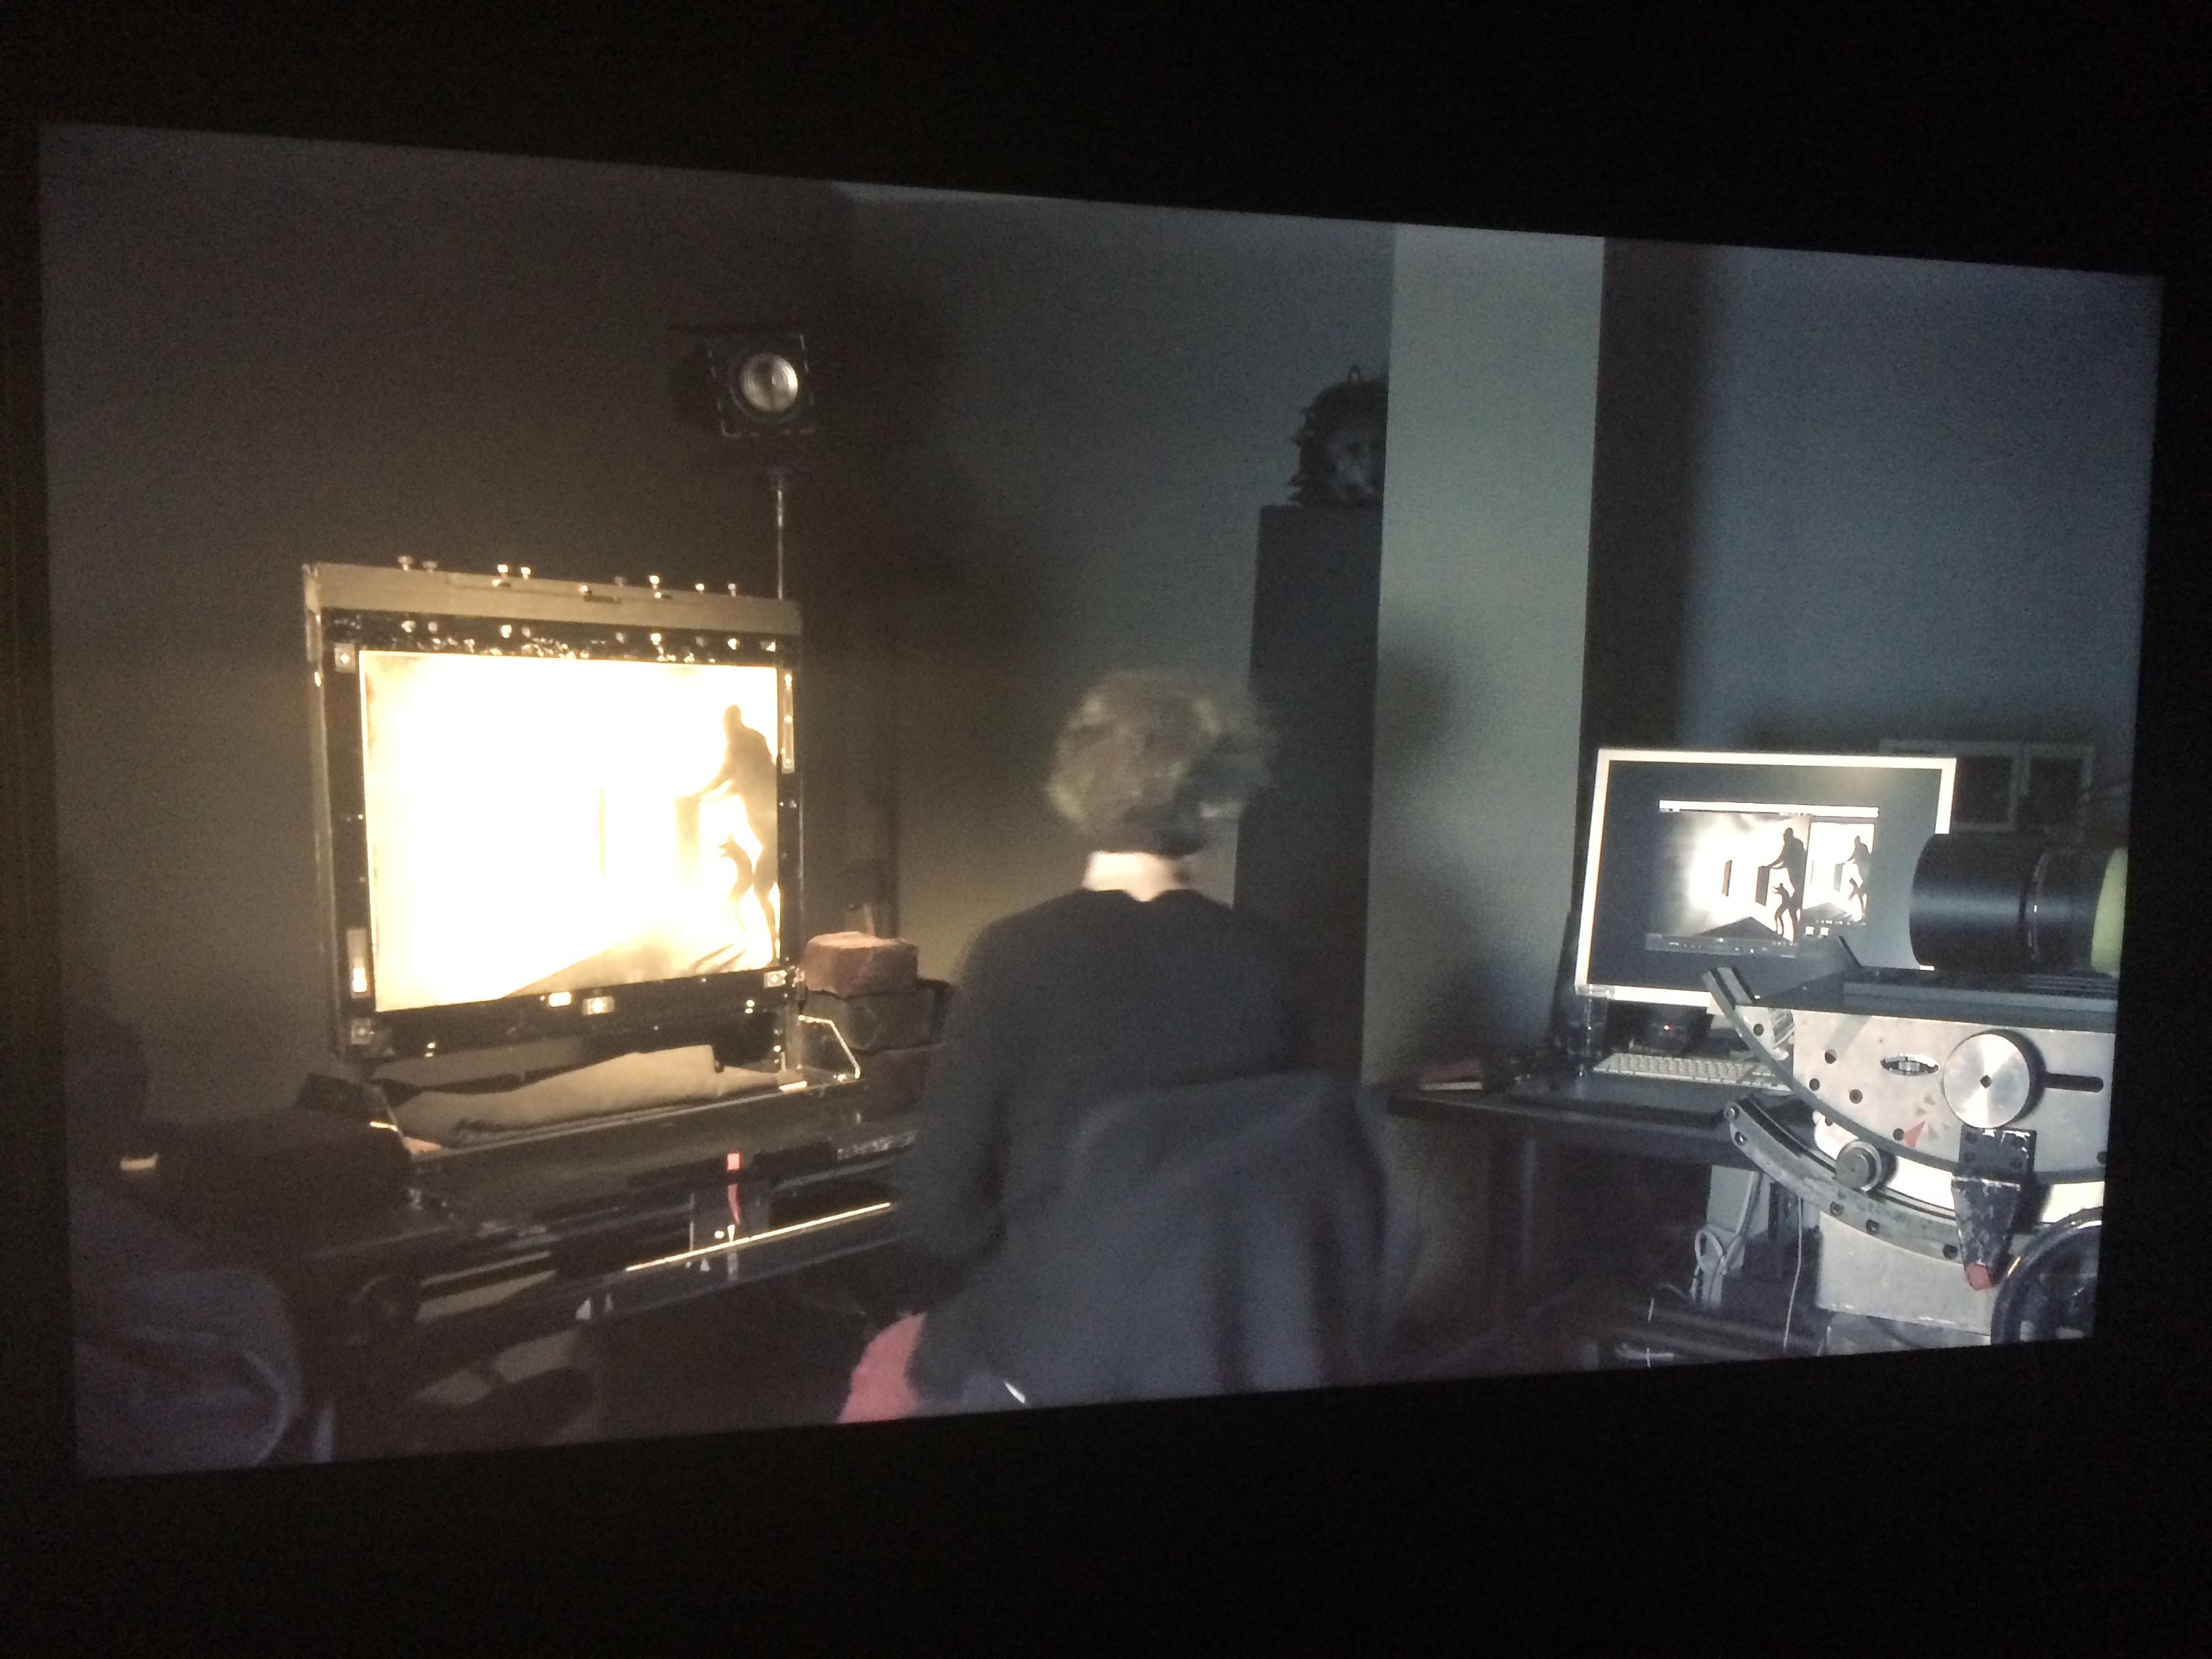 Vidéo montrant l'alliance entre l'écran d'épingles et l'informatique.